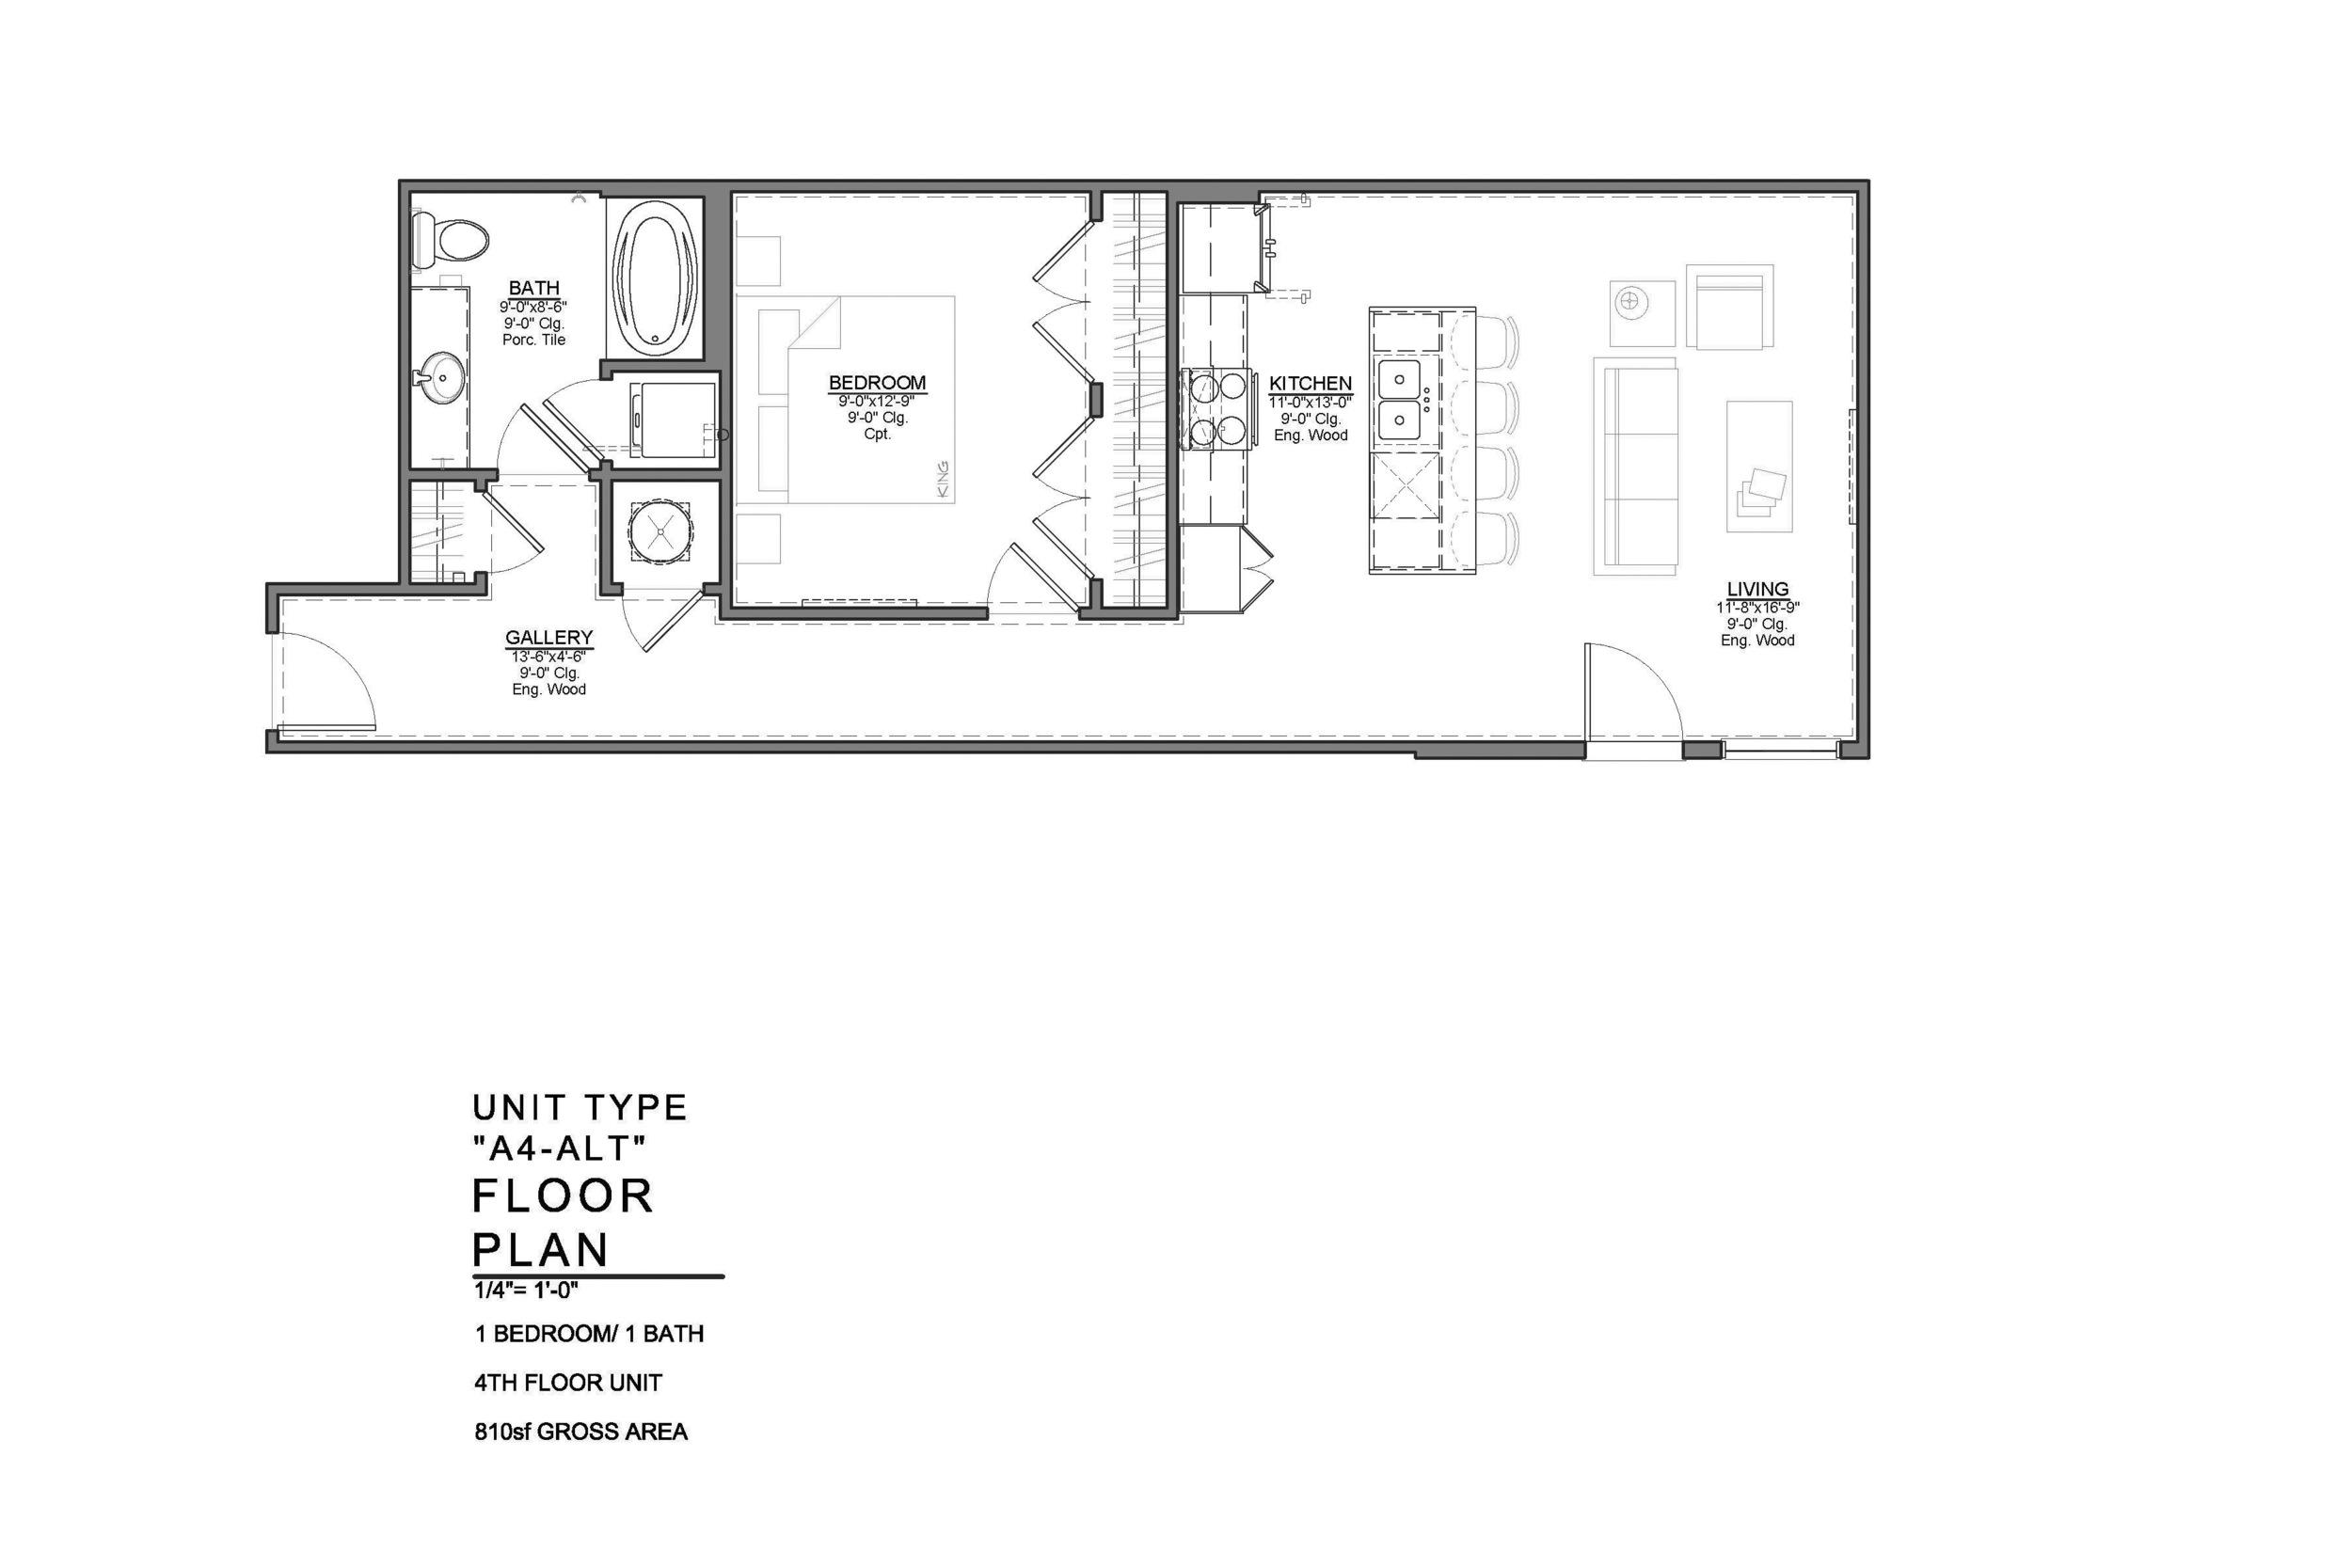 A4-ALT FLOOR PLAN: 1 BEDROOM / 1 BATH